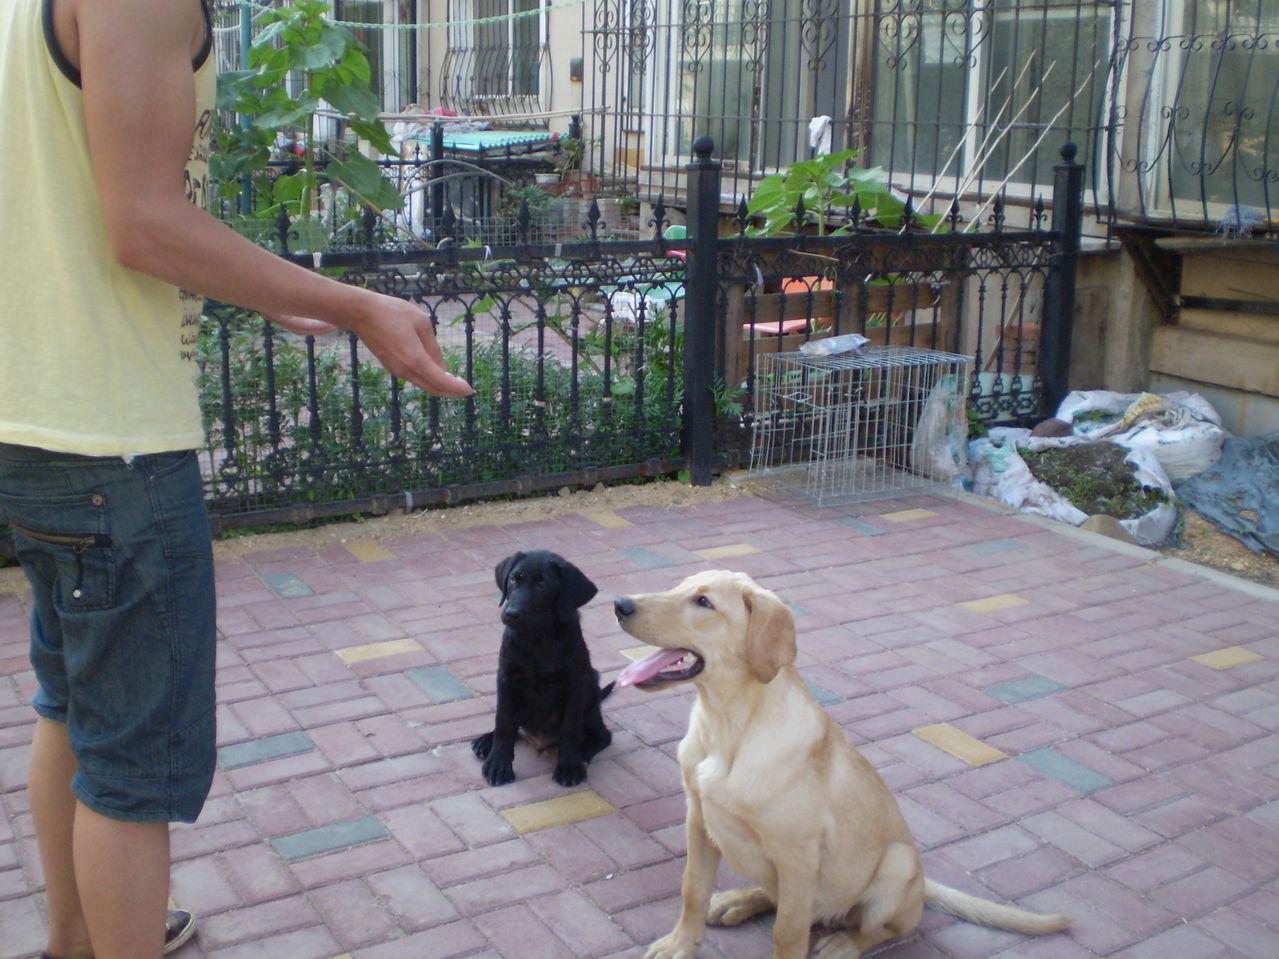 拉布拉多只能喂狗粮